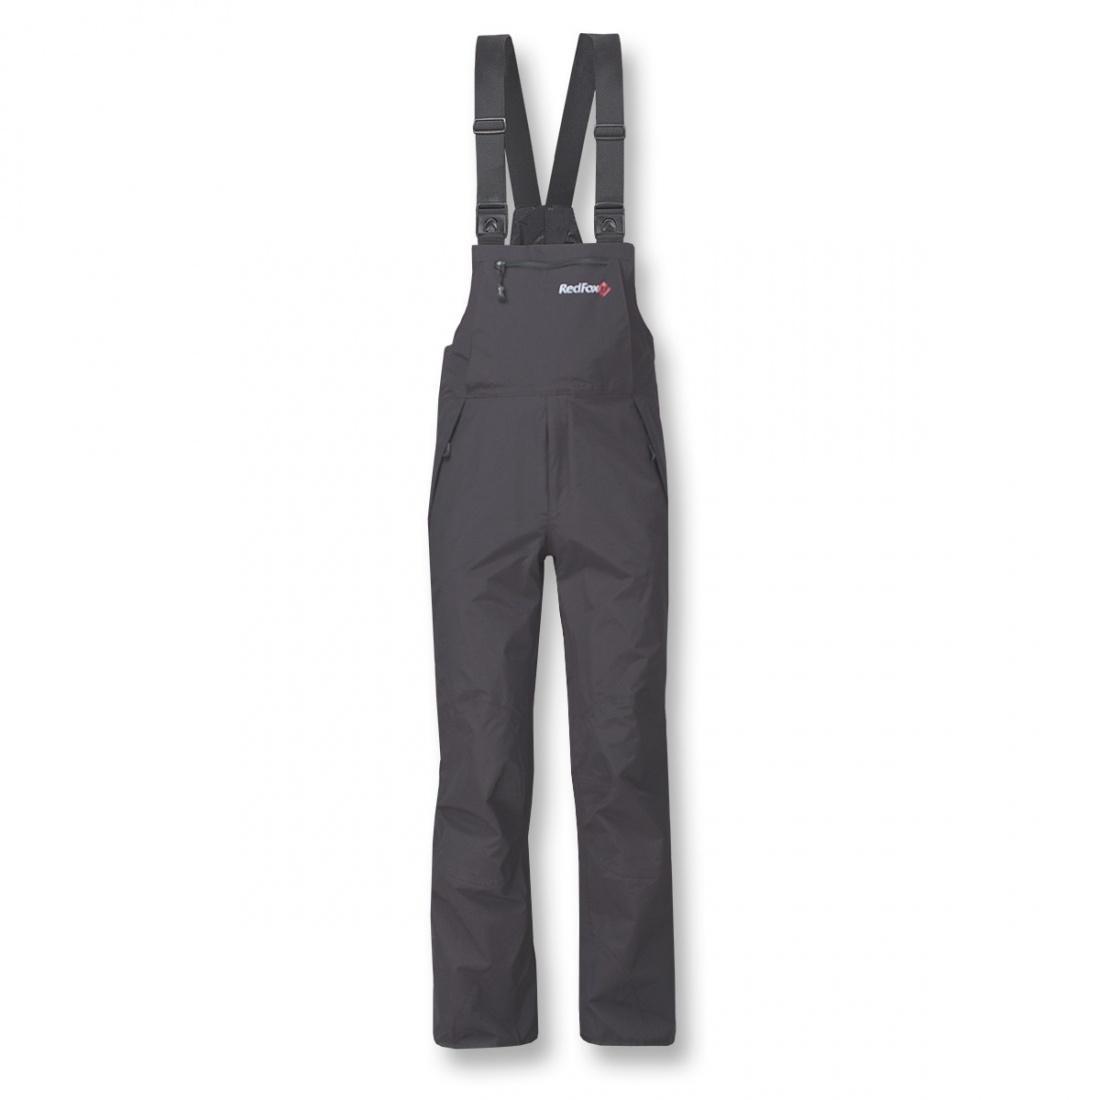 Брюки ветрозащитные Mont BlancБрюки, штаны<br>Штормовой полукомбинезон из серия Mountain Sport. Разъемные двухзамковые молнии по всей длине боковых швов позволят снять и надеть полукомбинезон, не снимая обуви.  <br> <br><br>Материал – Dry Factor 1000.<br>Проклеенные швы.<br>&lt;li...<br><br>Цвет: Темно-серый<br>Размер: 54